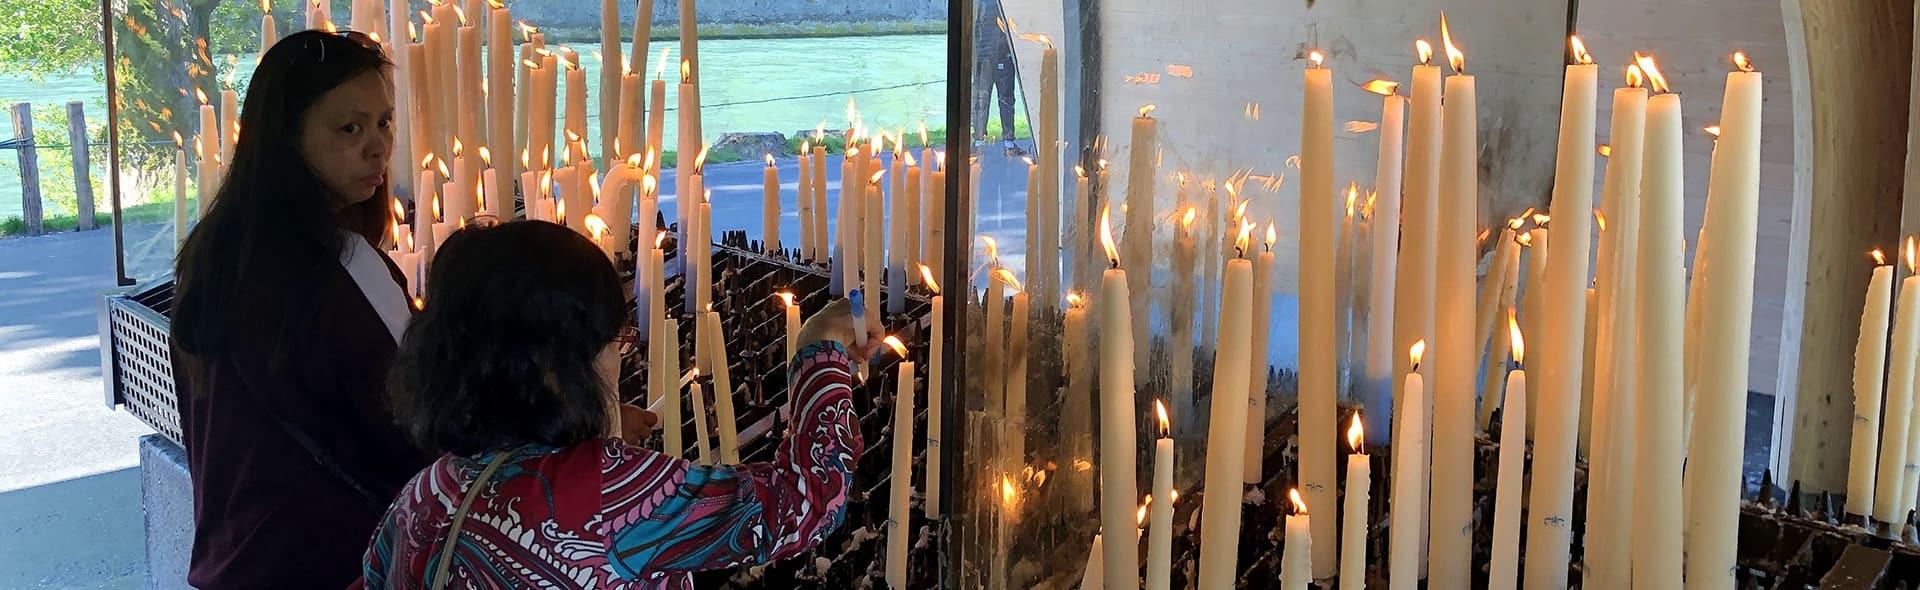 Viaggio a Lourdes in Aereo da Napoli Inizio Agosto